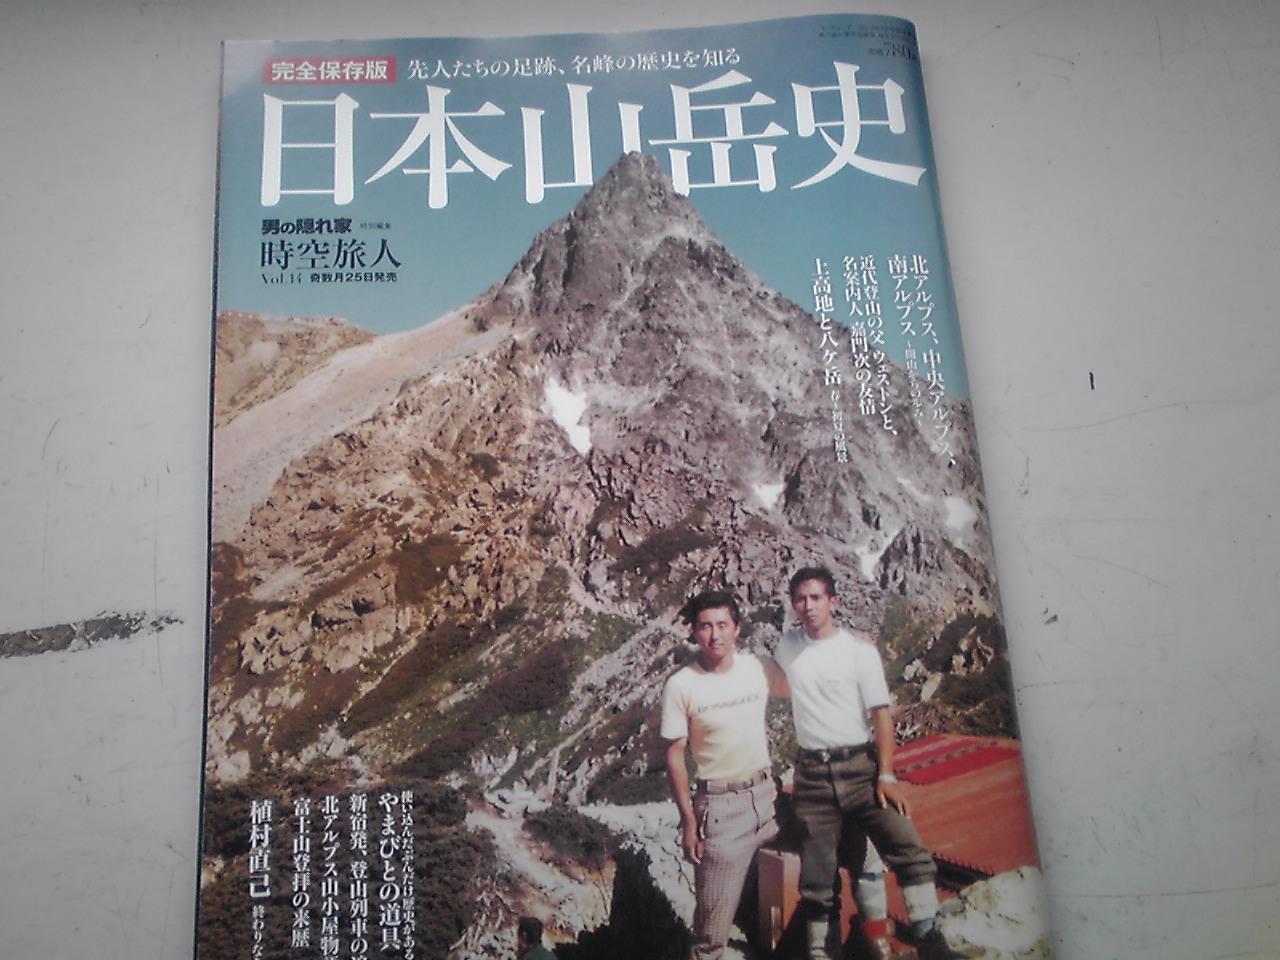 男の隠れ家 特別編集 時空旅人 vol.14「日本山岳史」_e0155231_11453526.jpg